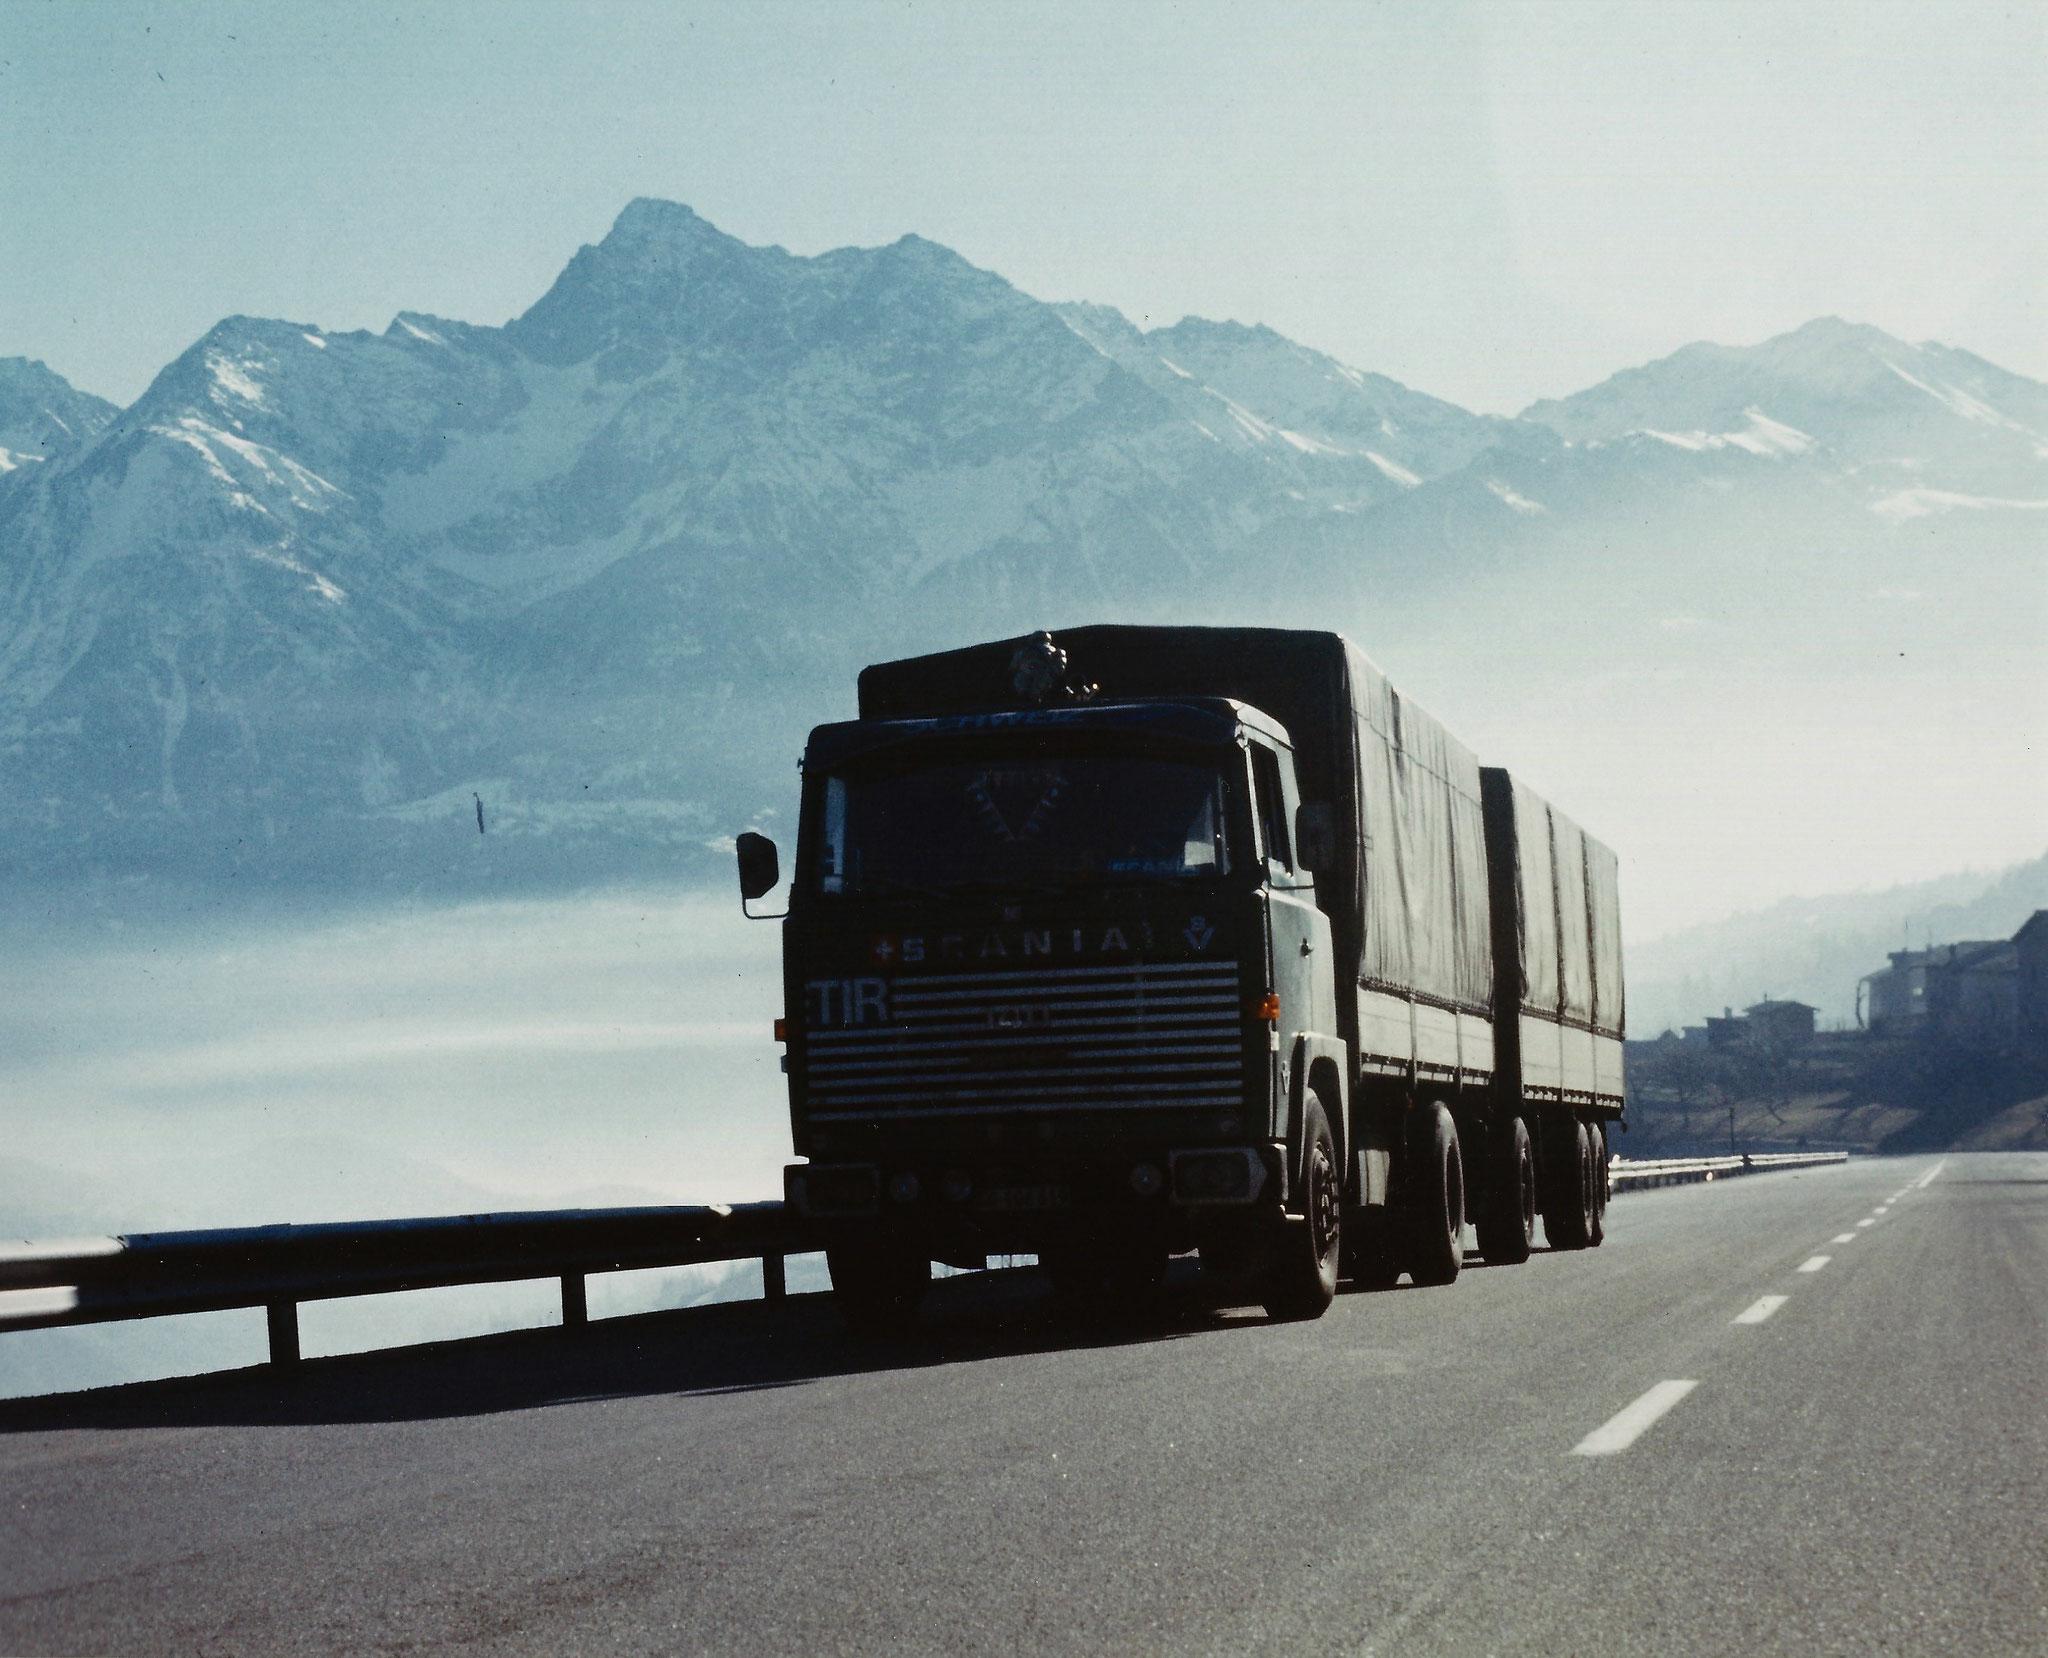 Scania LB 140 am Grossen St. Bernhard